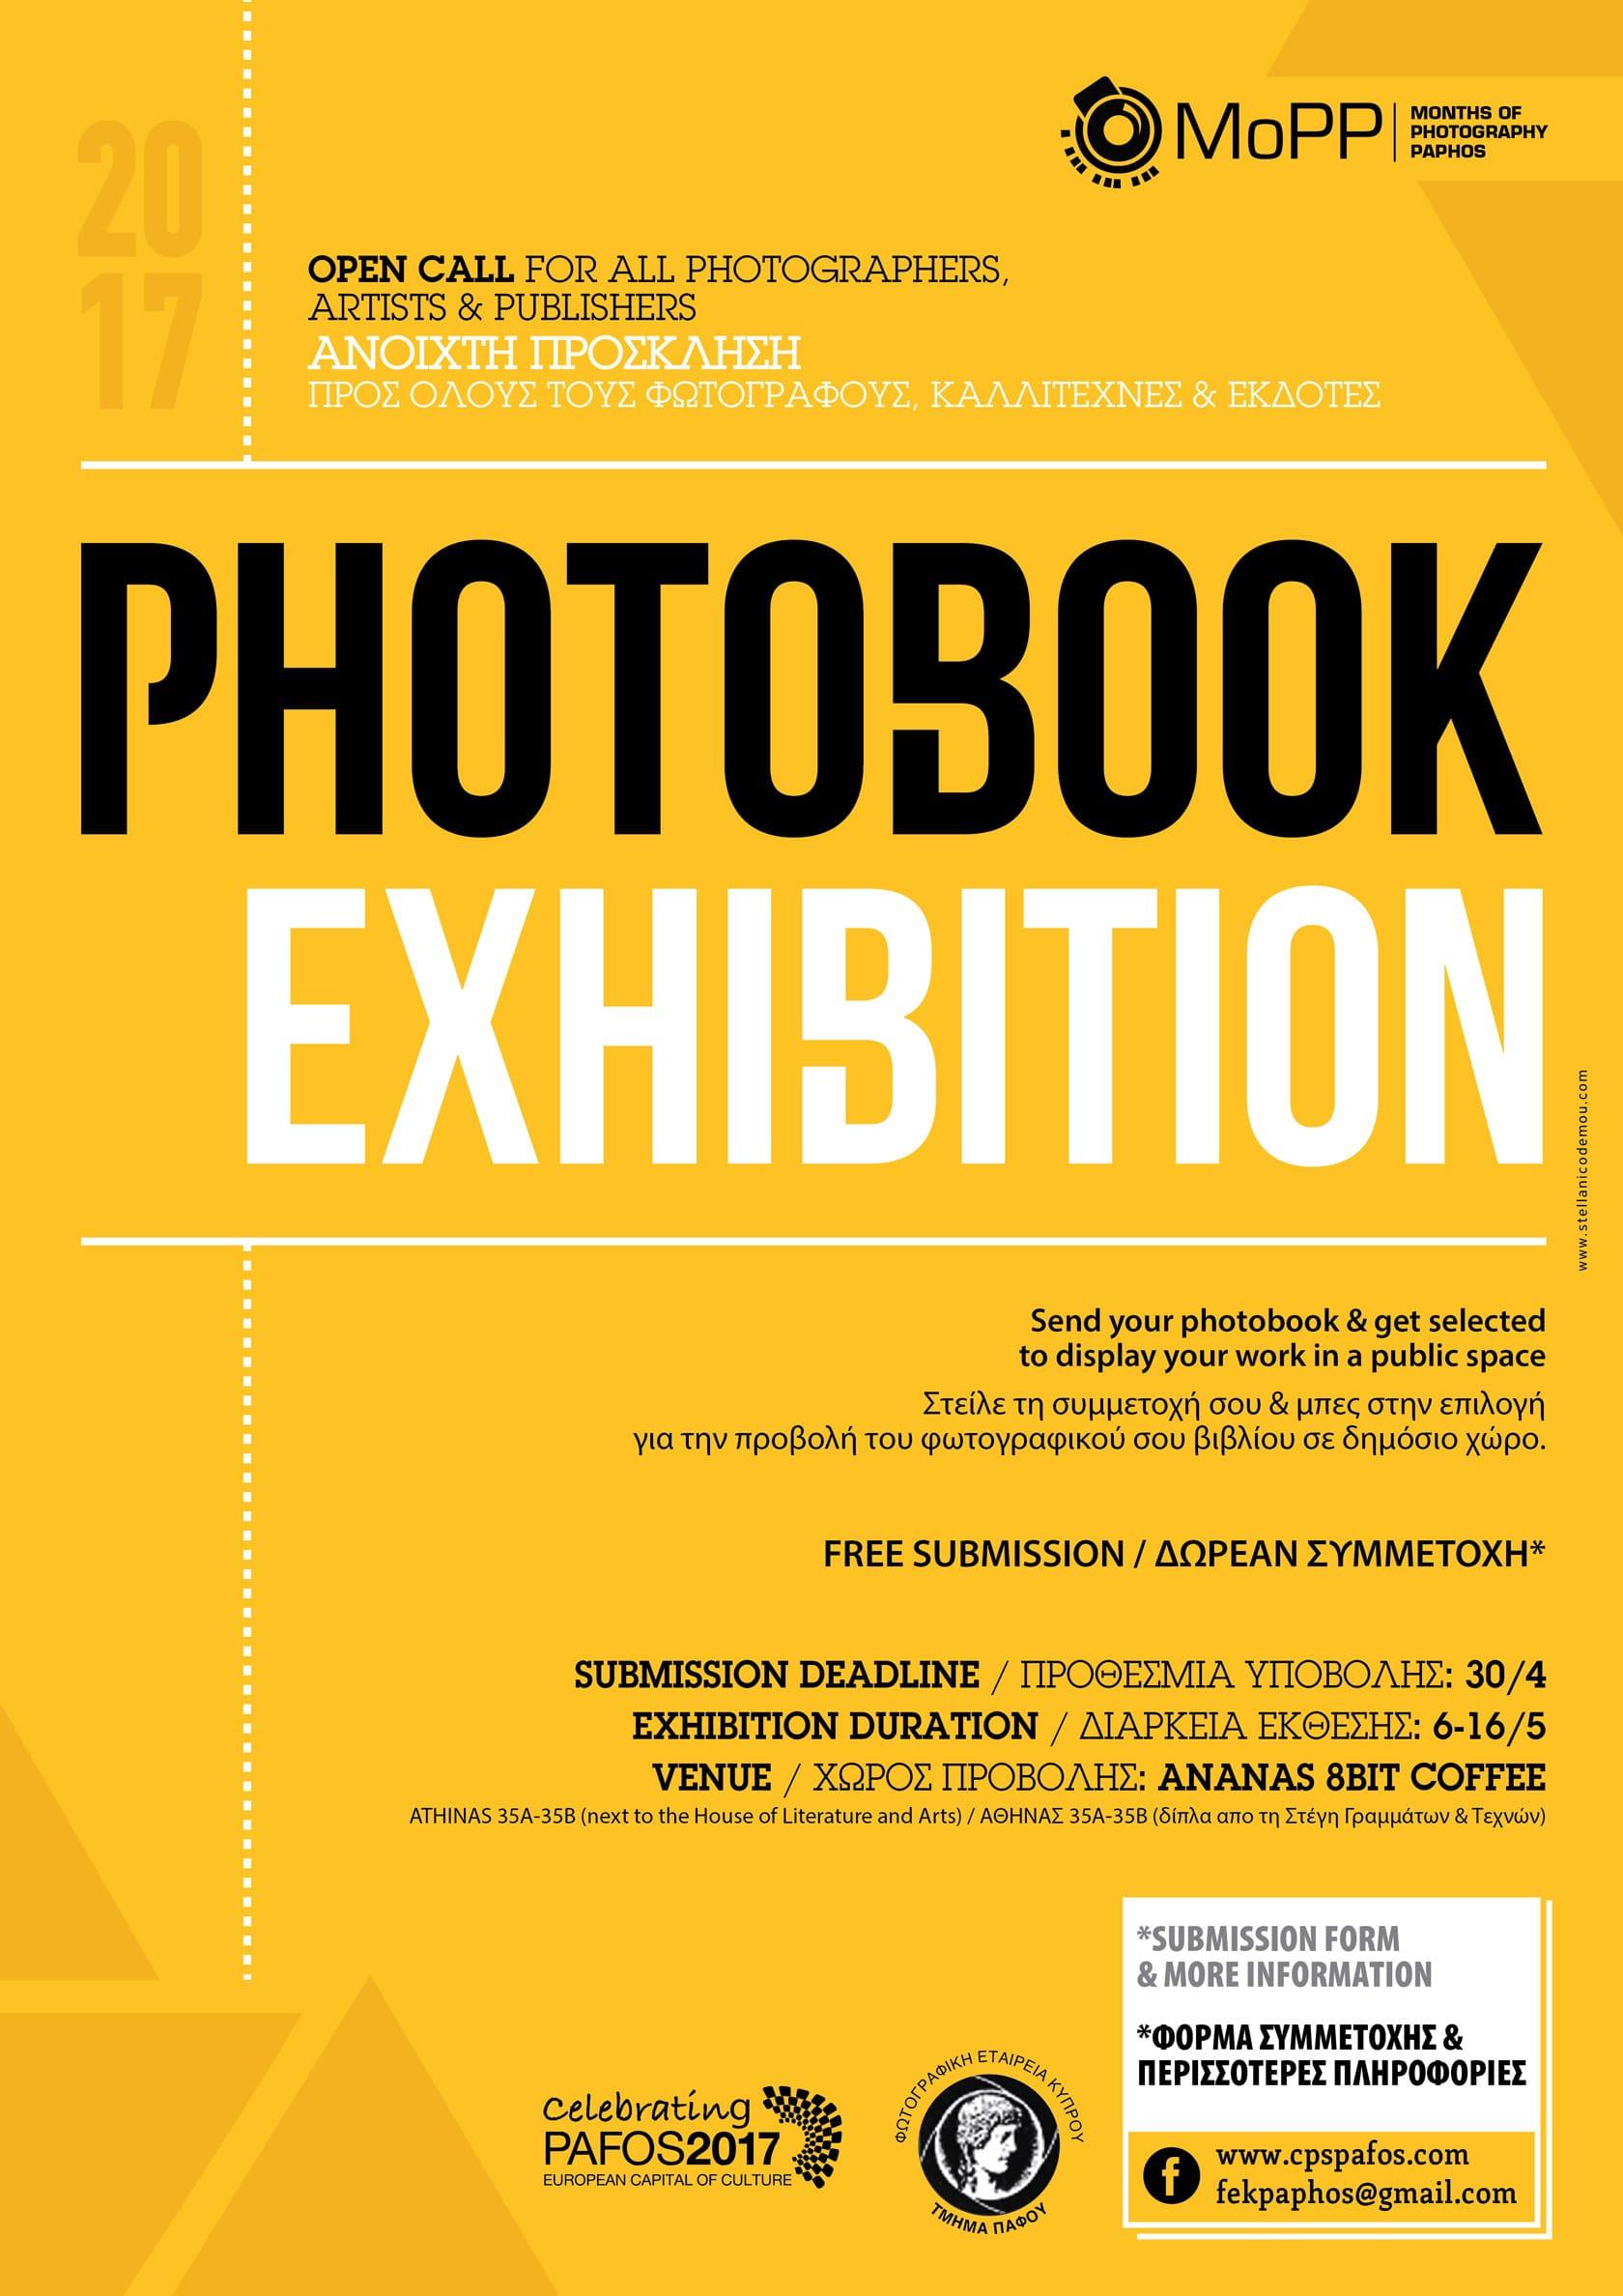 MOPP Photobook Exhibition 2017